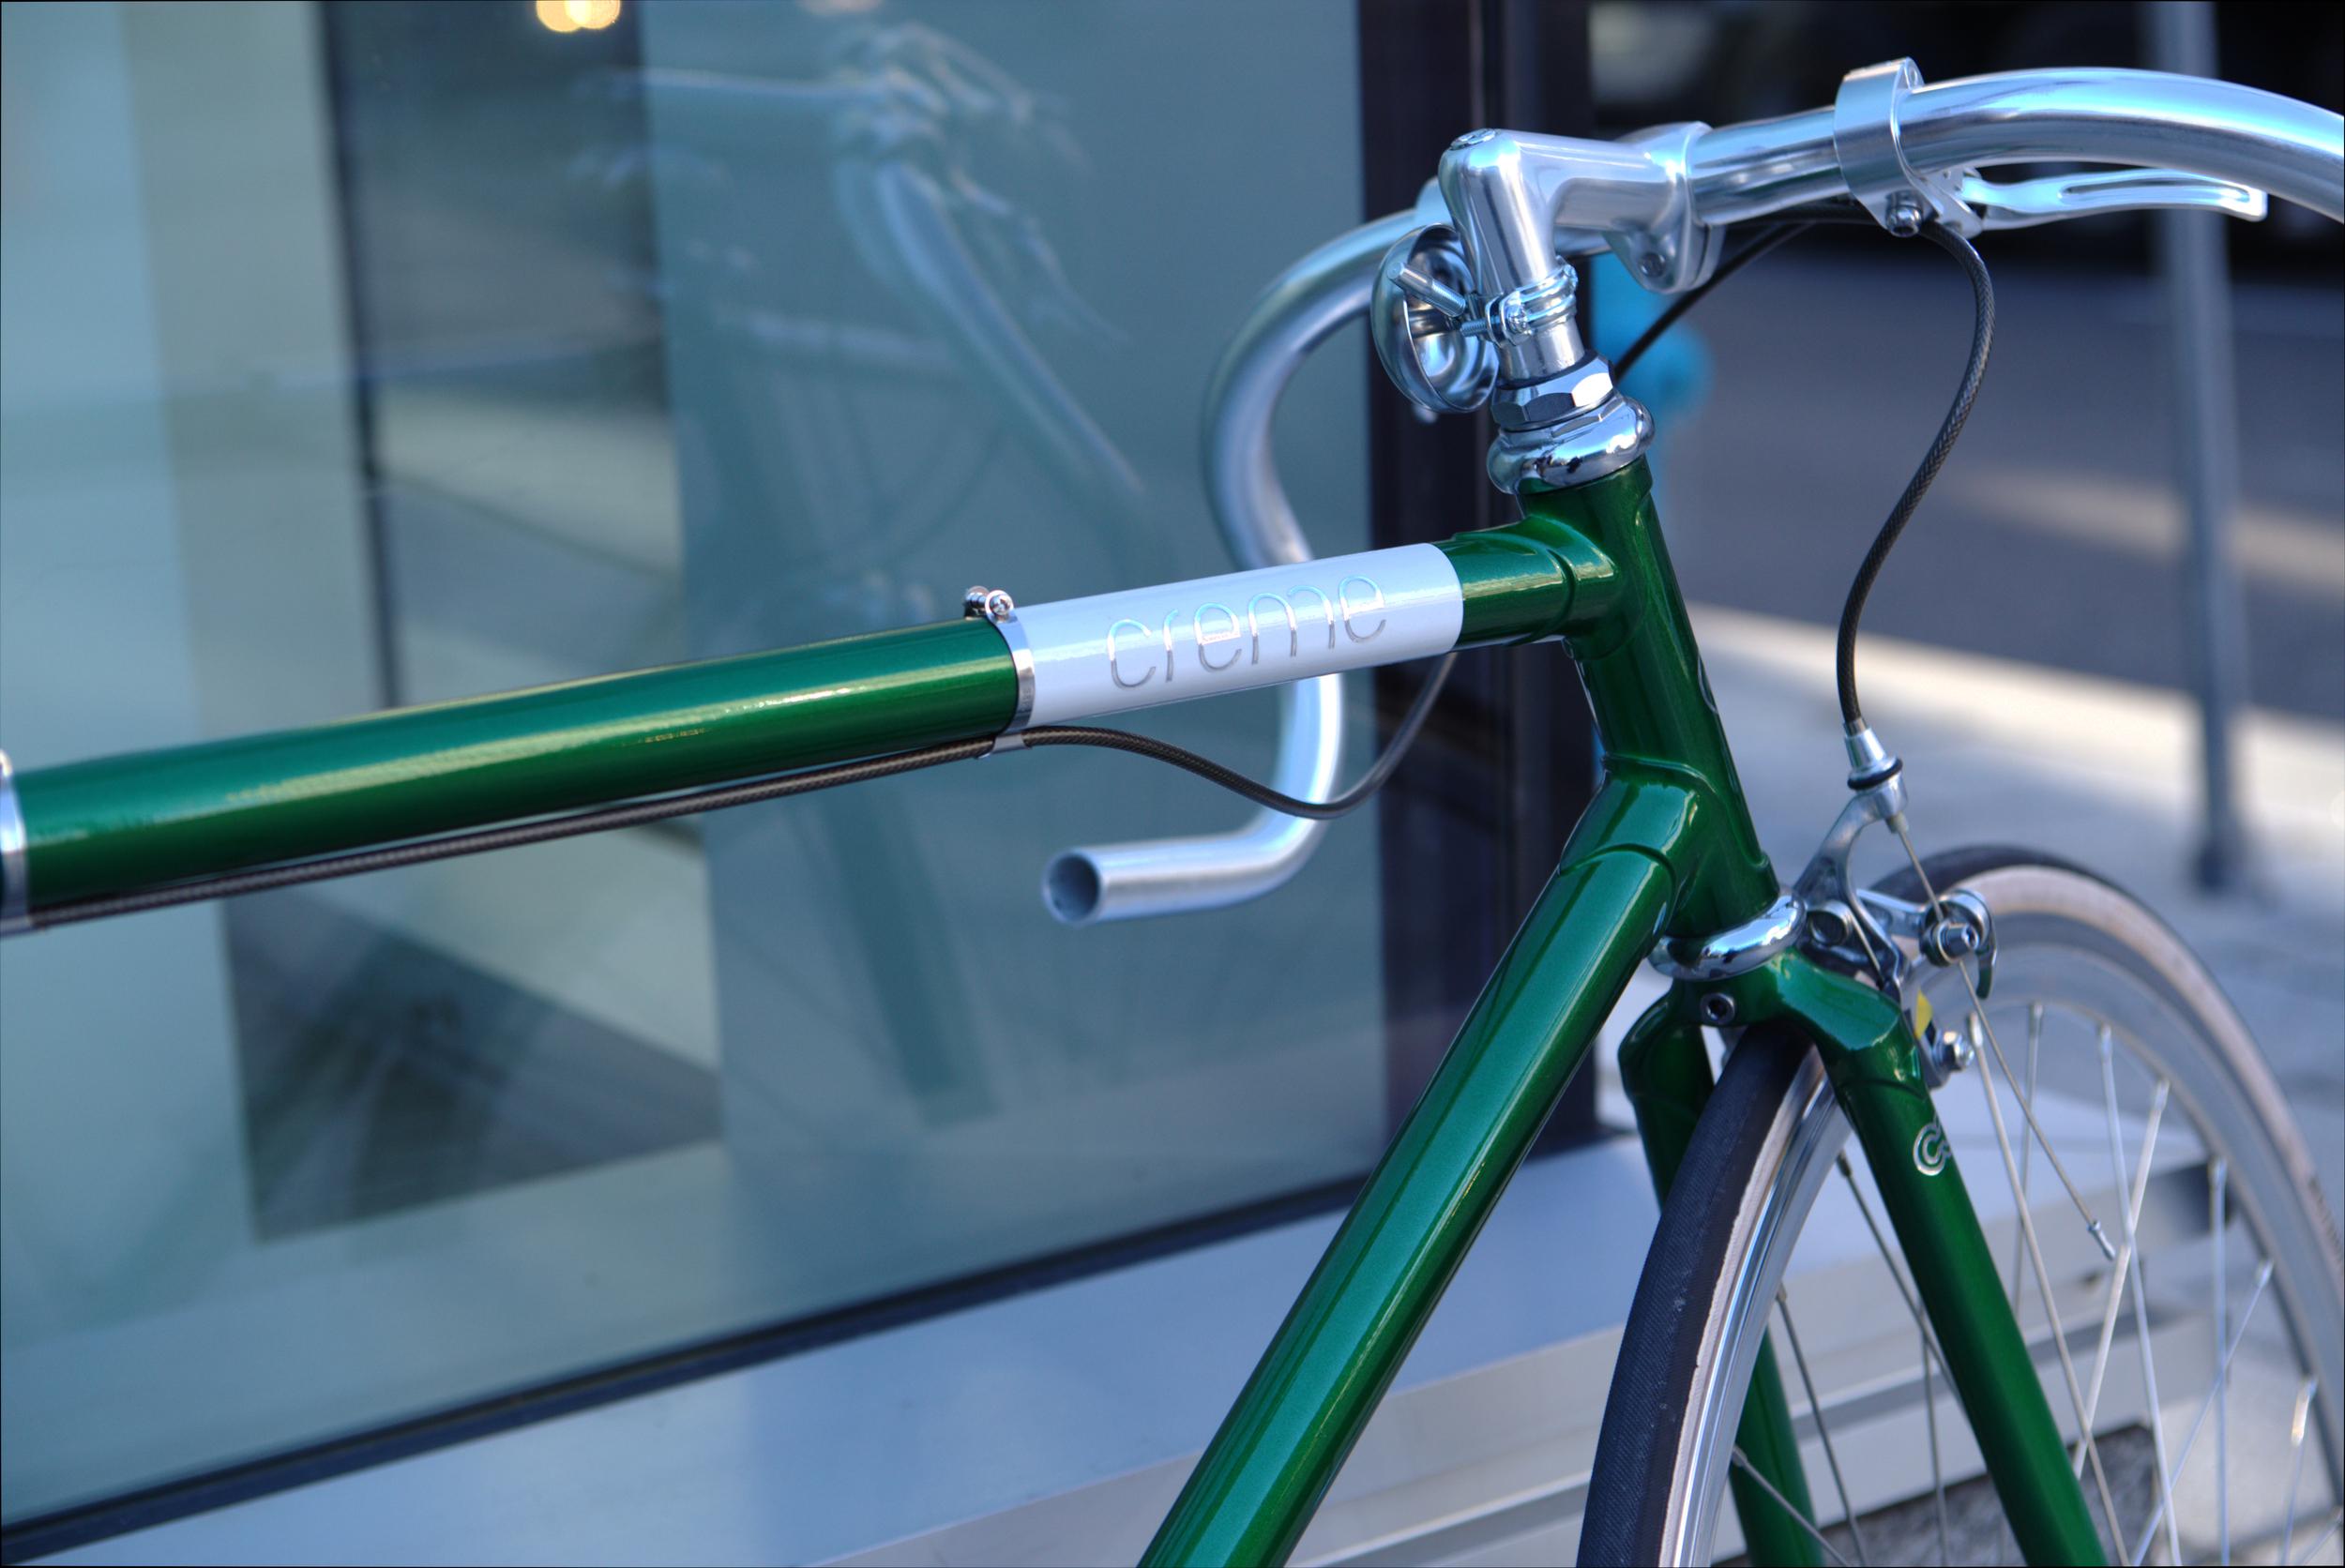 Creme Cycles Fixed Gear Bike Ottawa Canada.jpg